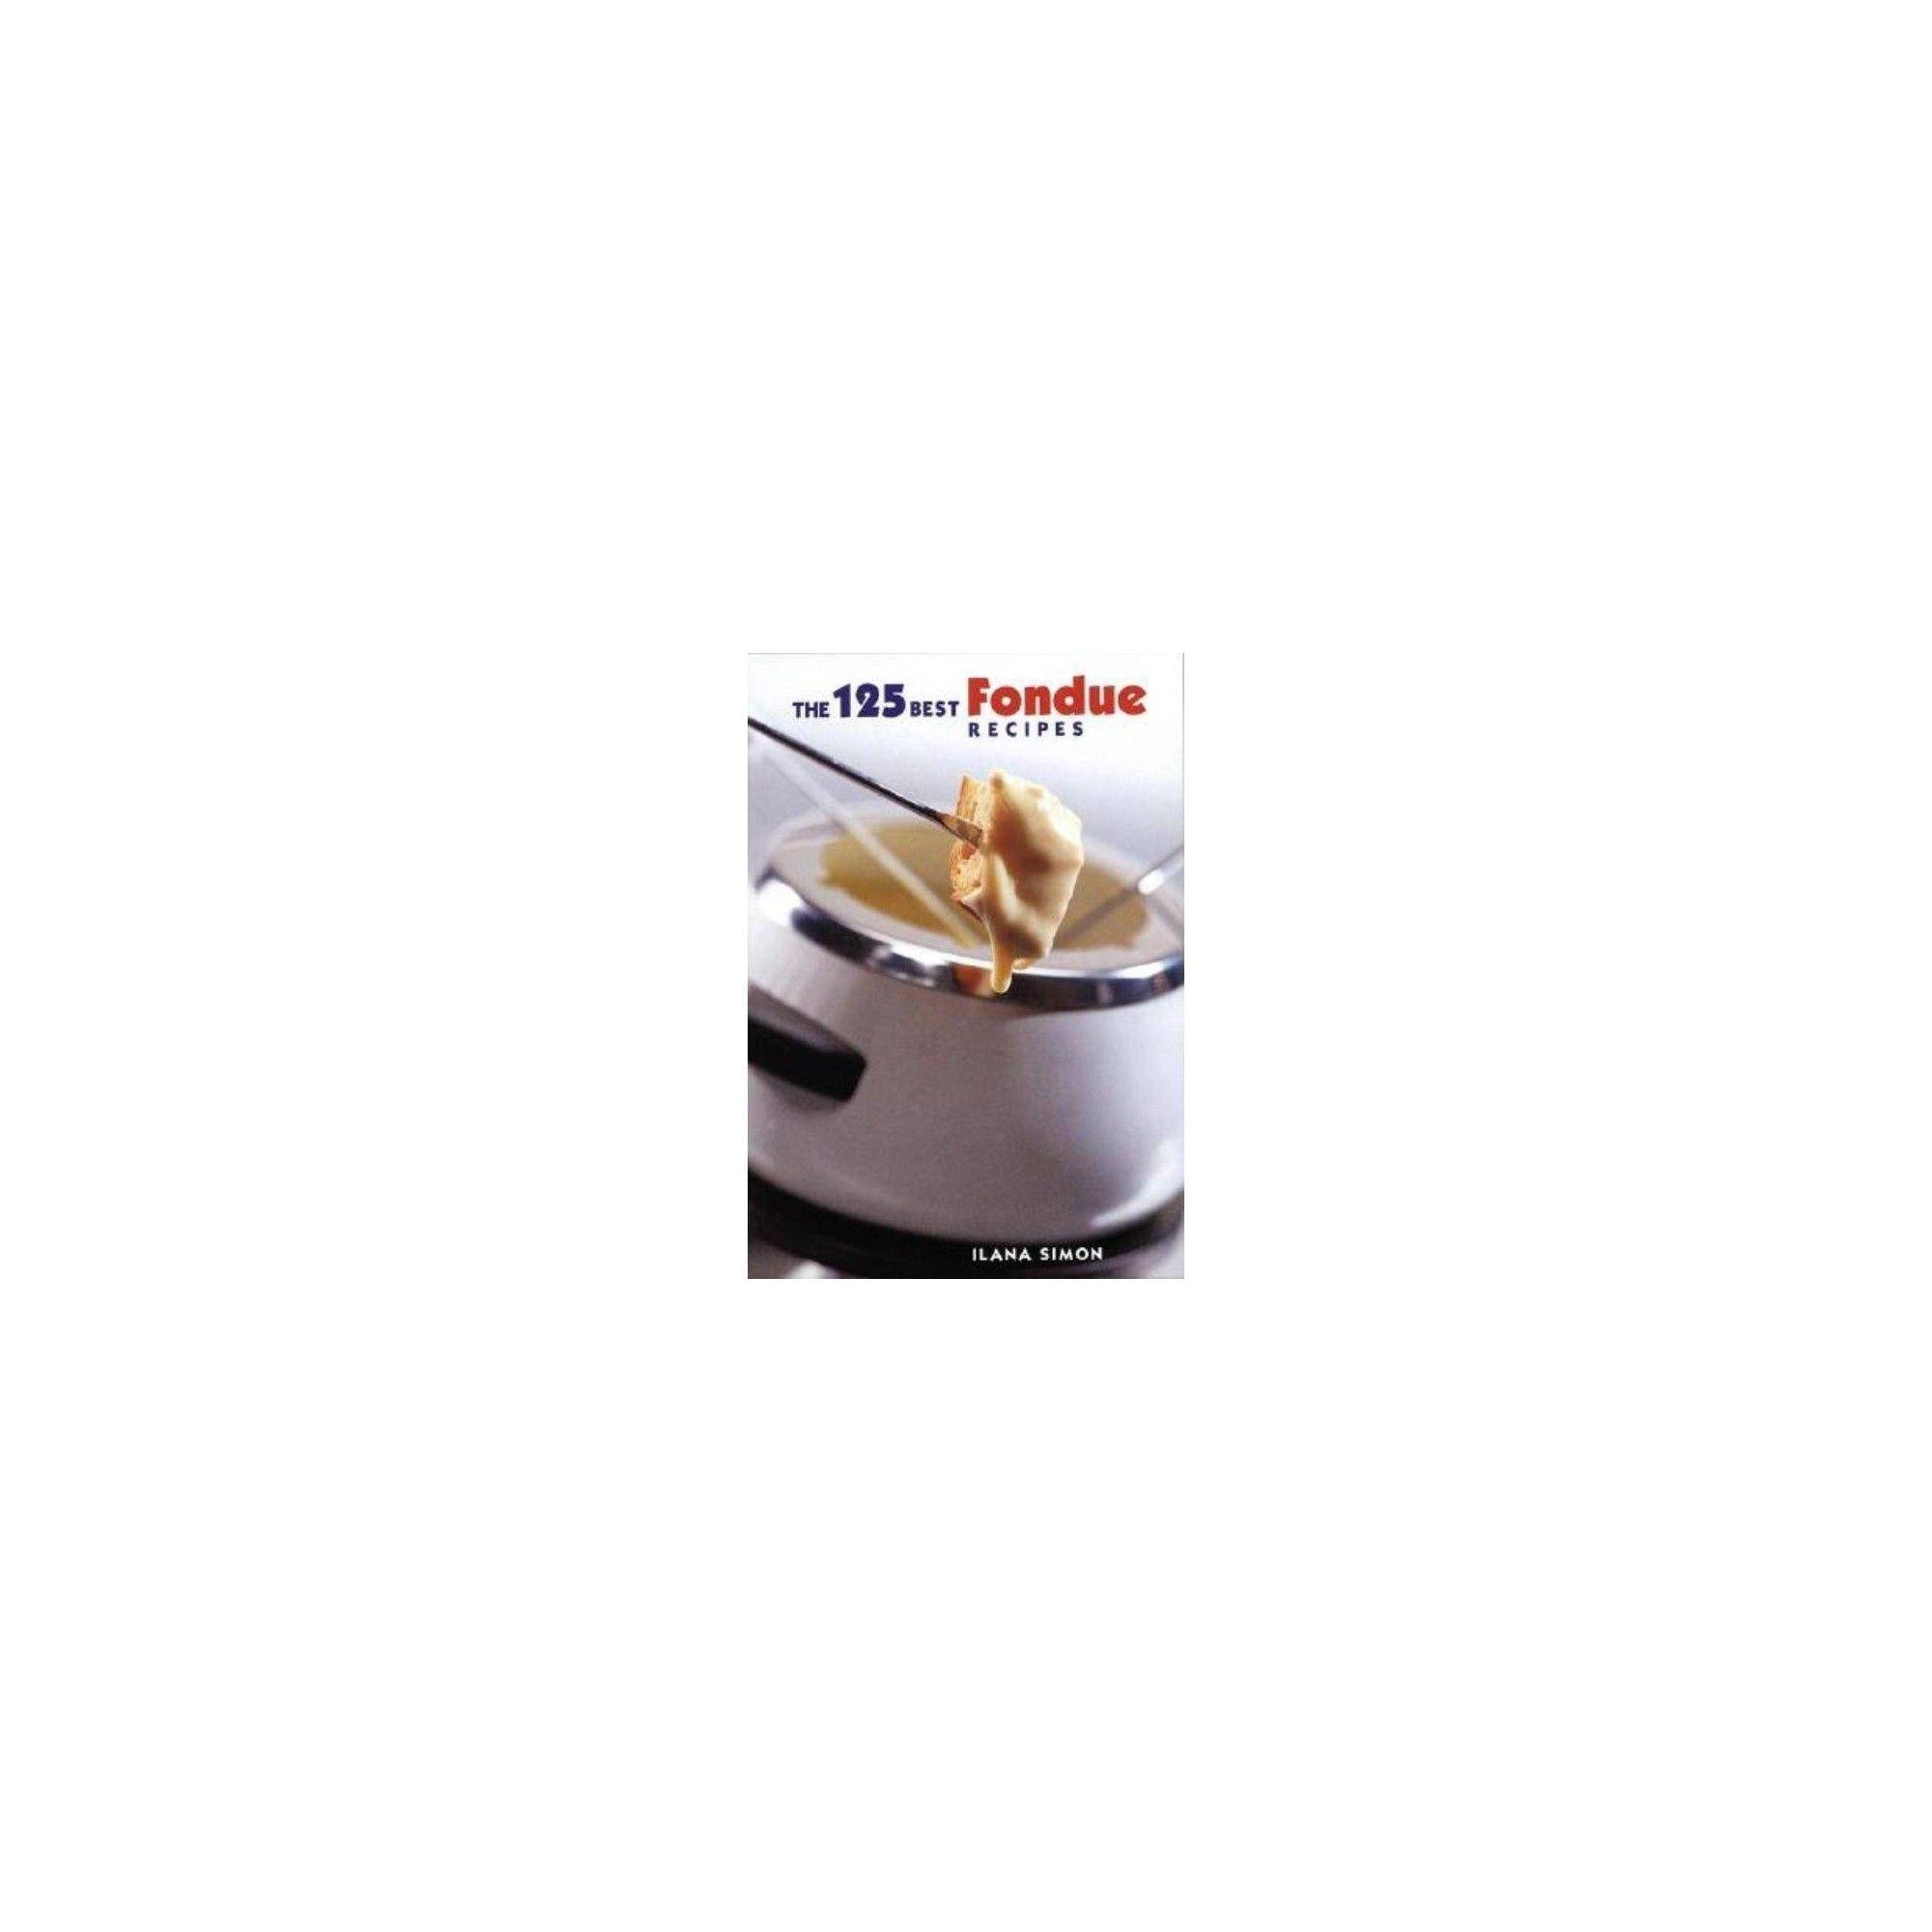 The 125 Best Fondue Recipes - by Ilana Simon (Paperback) #brothfonduerecipes